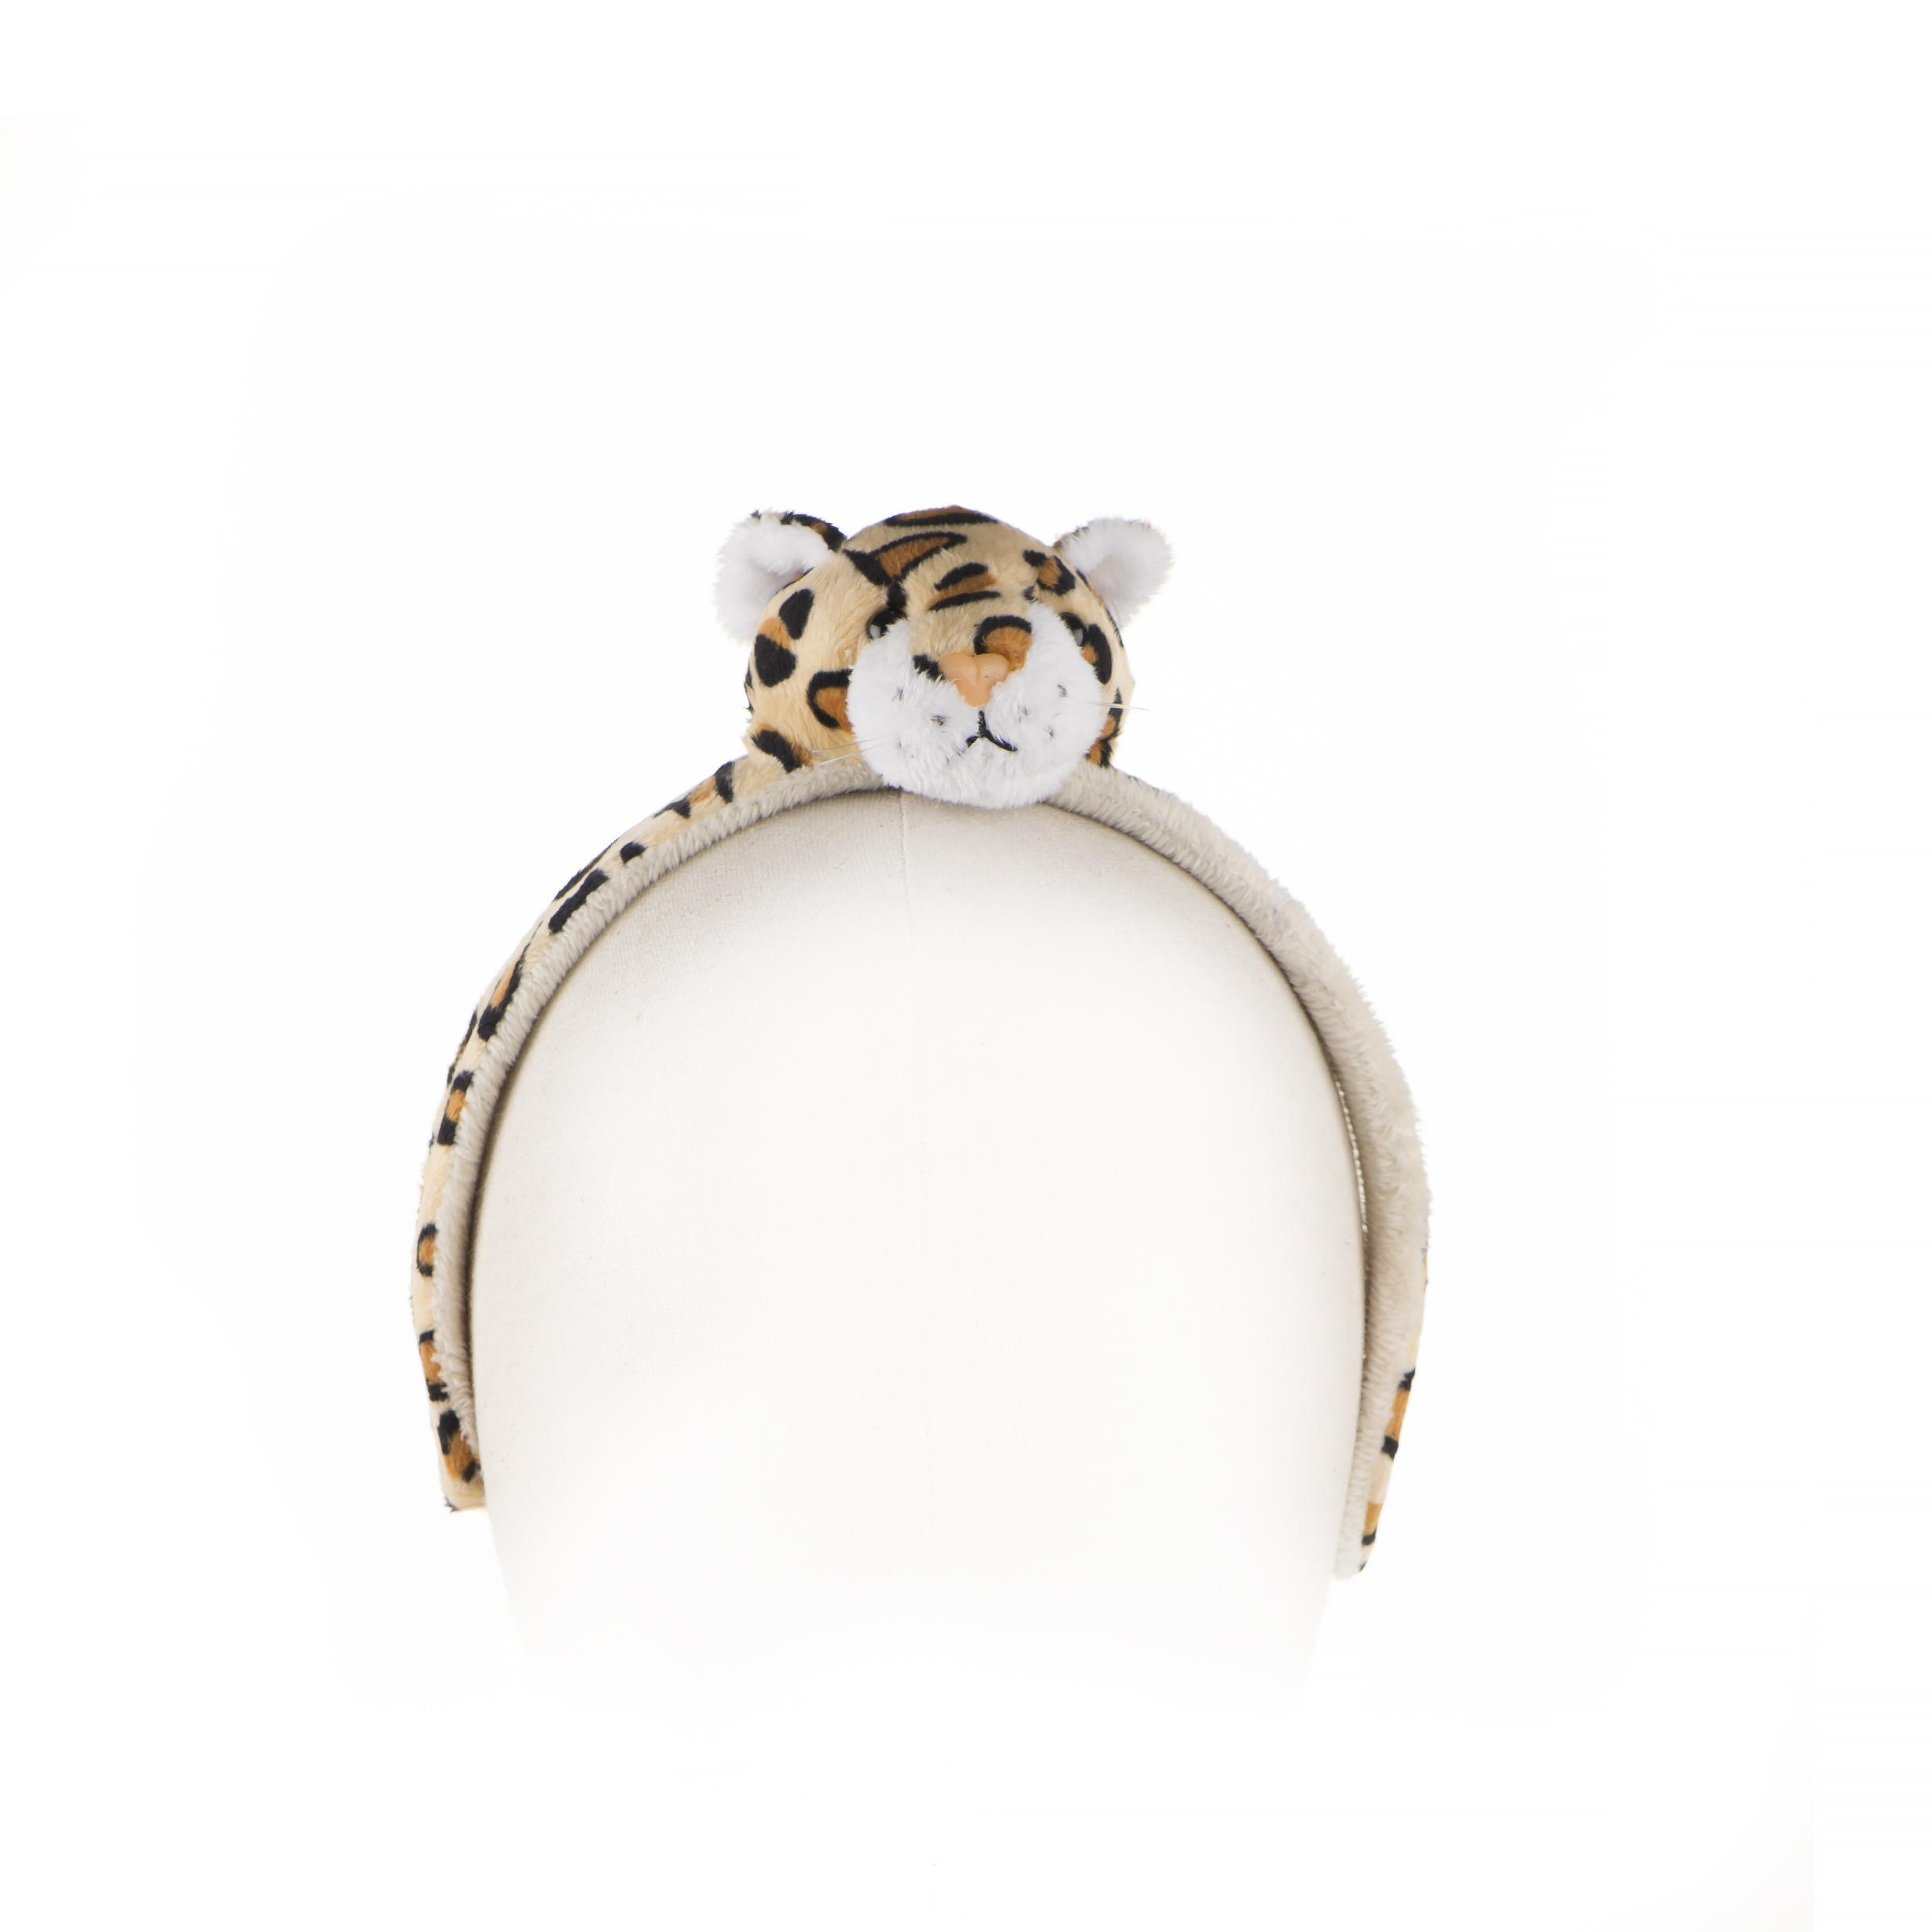 5. Leopard headband (b)